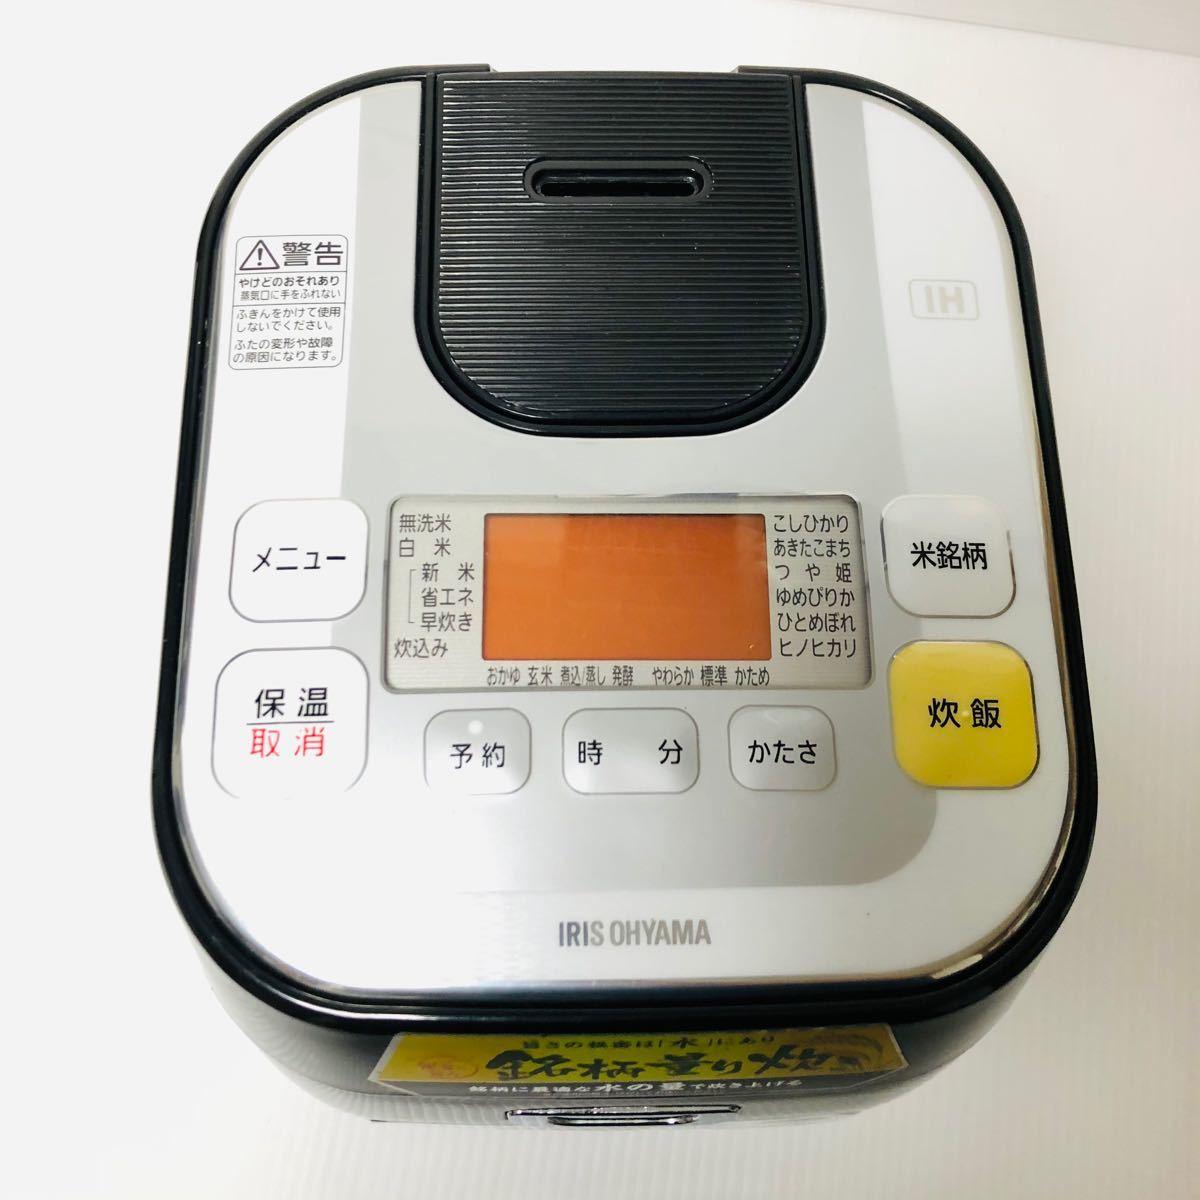 良品■アイリスオーヤマ 銘柄量り炊きIHジャー炊飯器 3合 RC-IA30-B